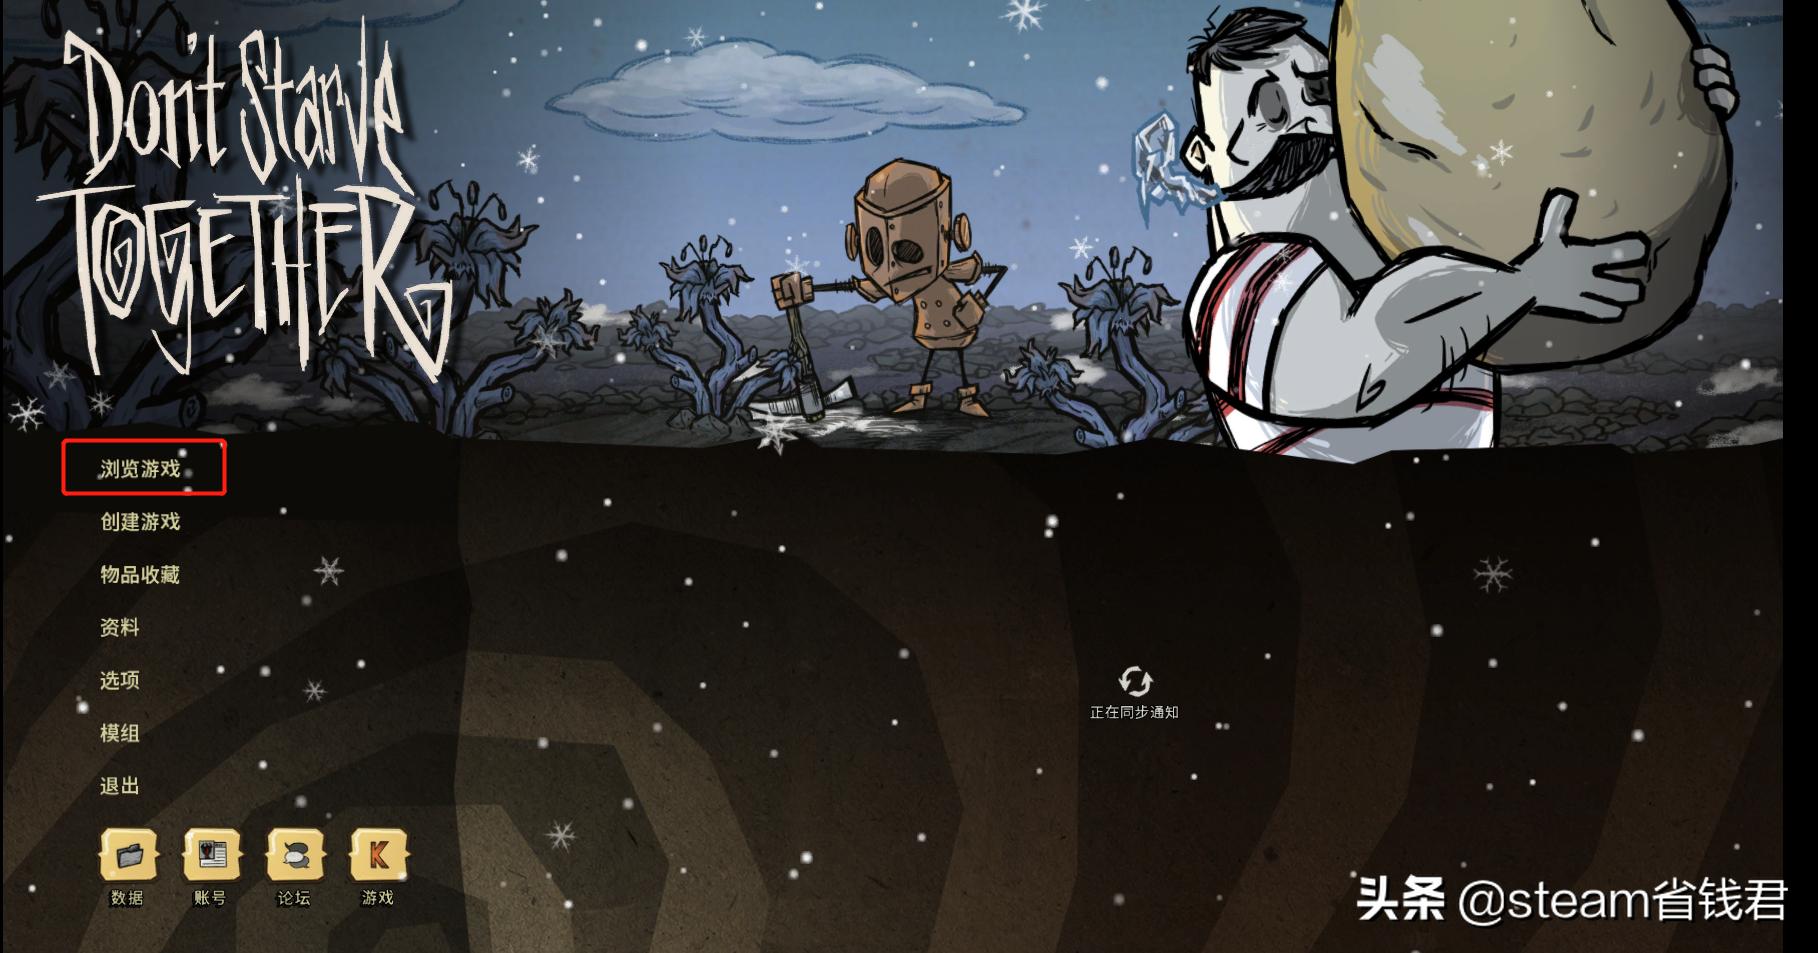 如何优雅地与好友在游戏里一起饿死?饥荒联机教程